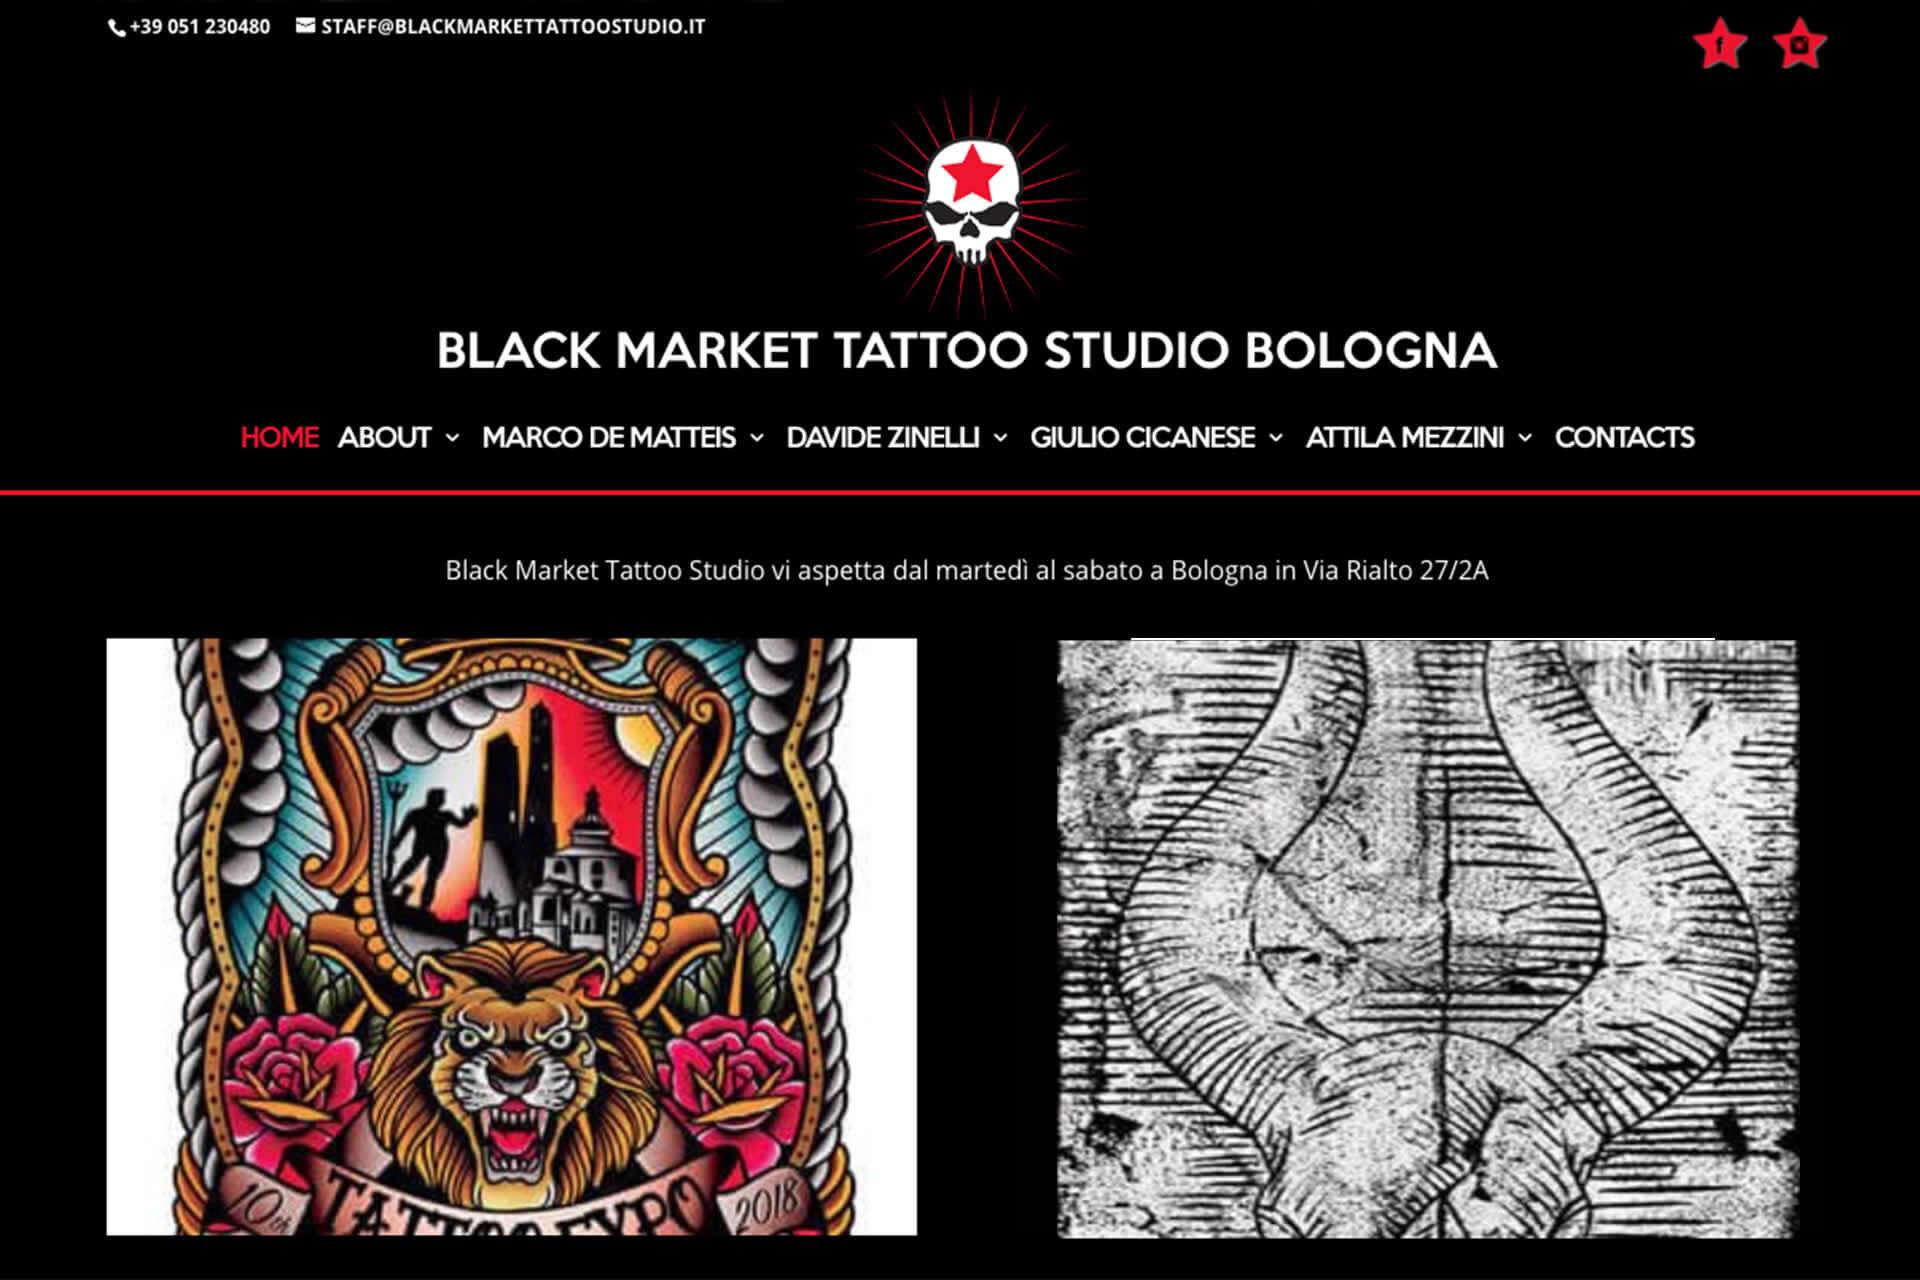 lv-design-realizzazione-siti-web-bologna-portfolio-black-market-tattoo-studio-slide-1